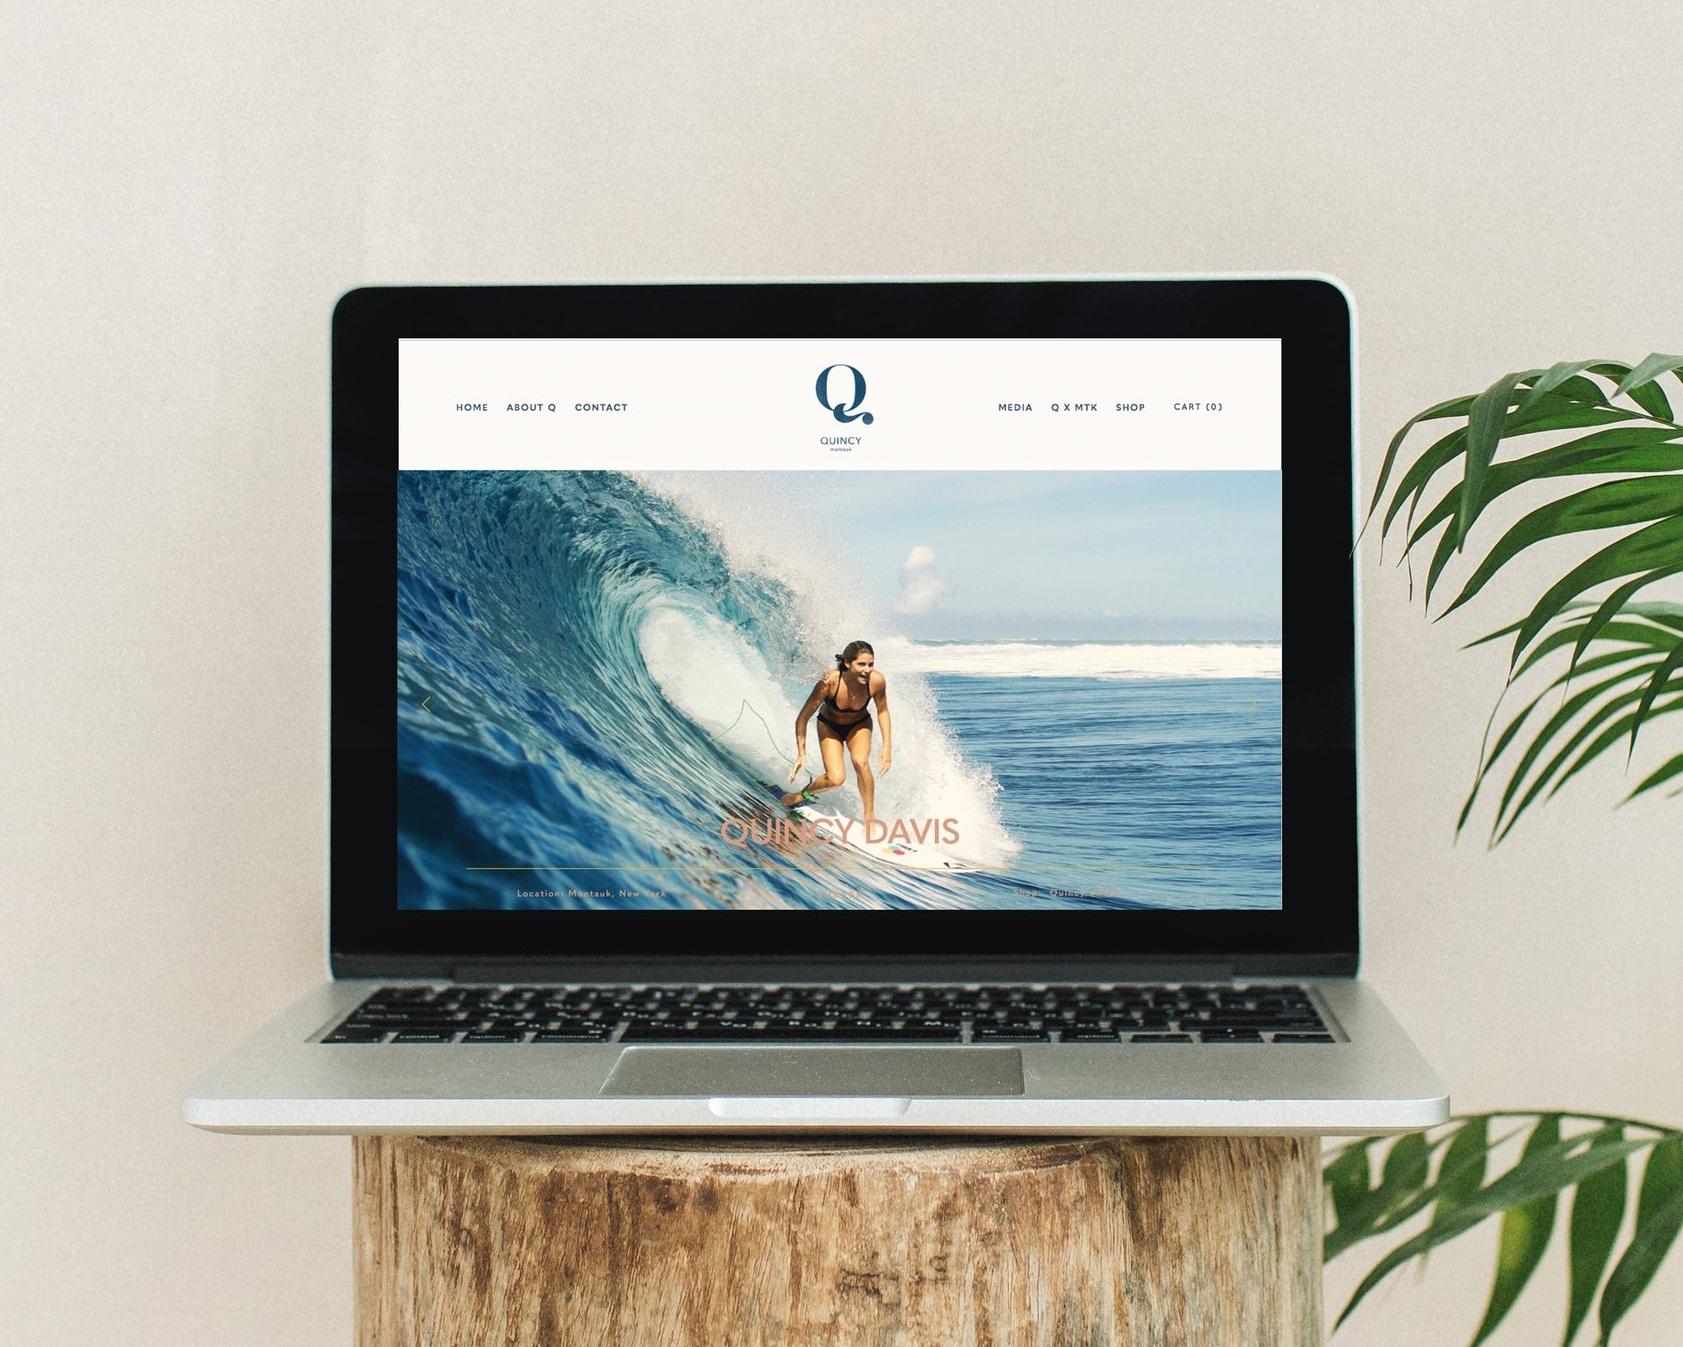 website | E-comm design - Quincy Davis